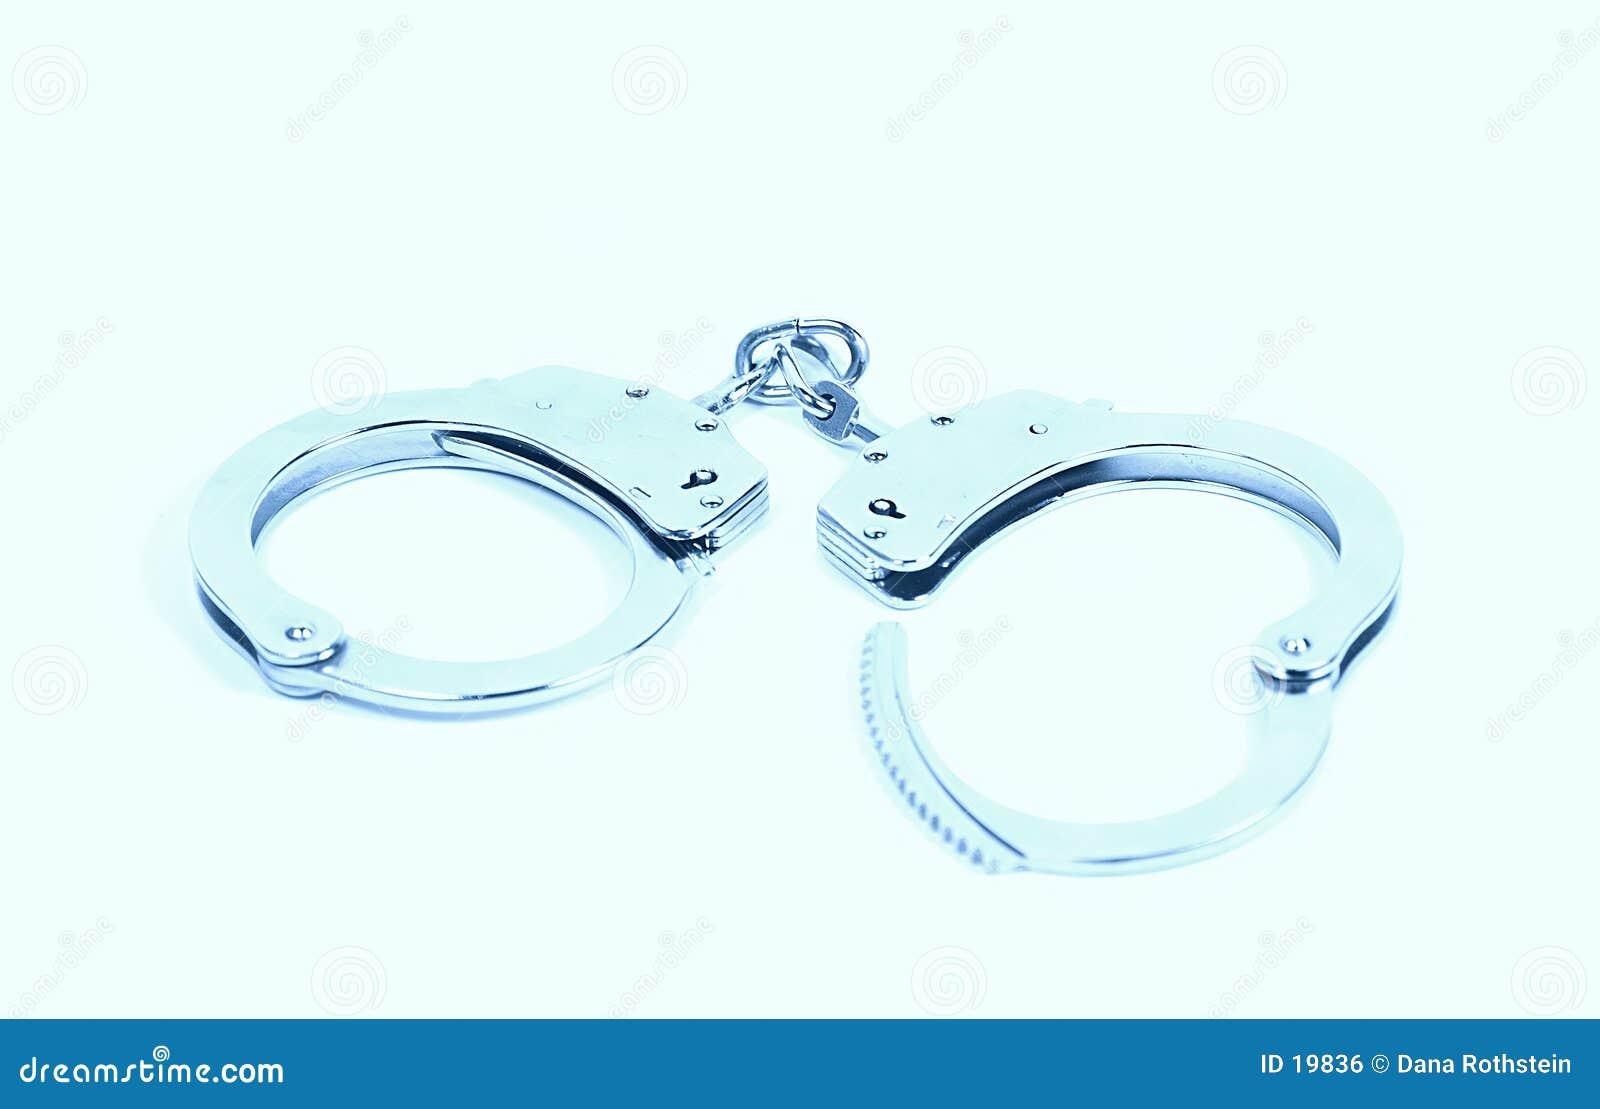 надевает наручники светлое тоновое изображение